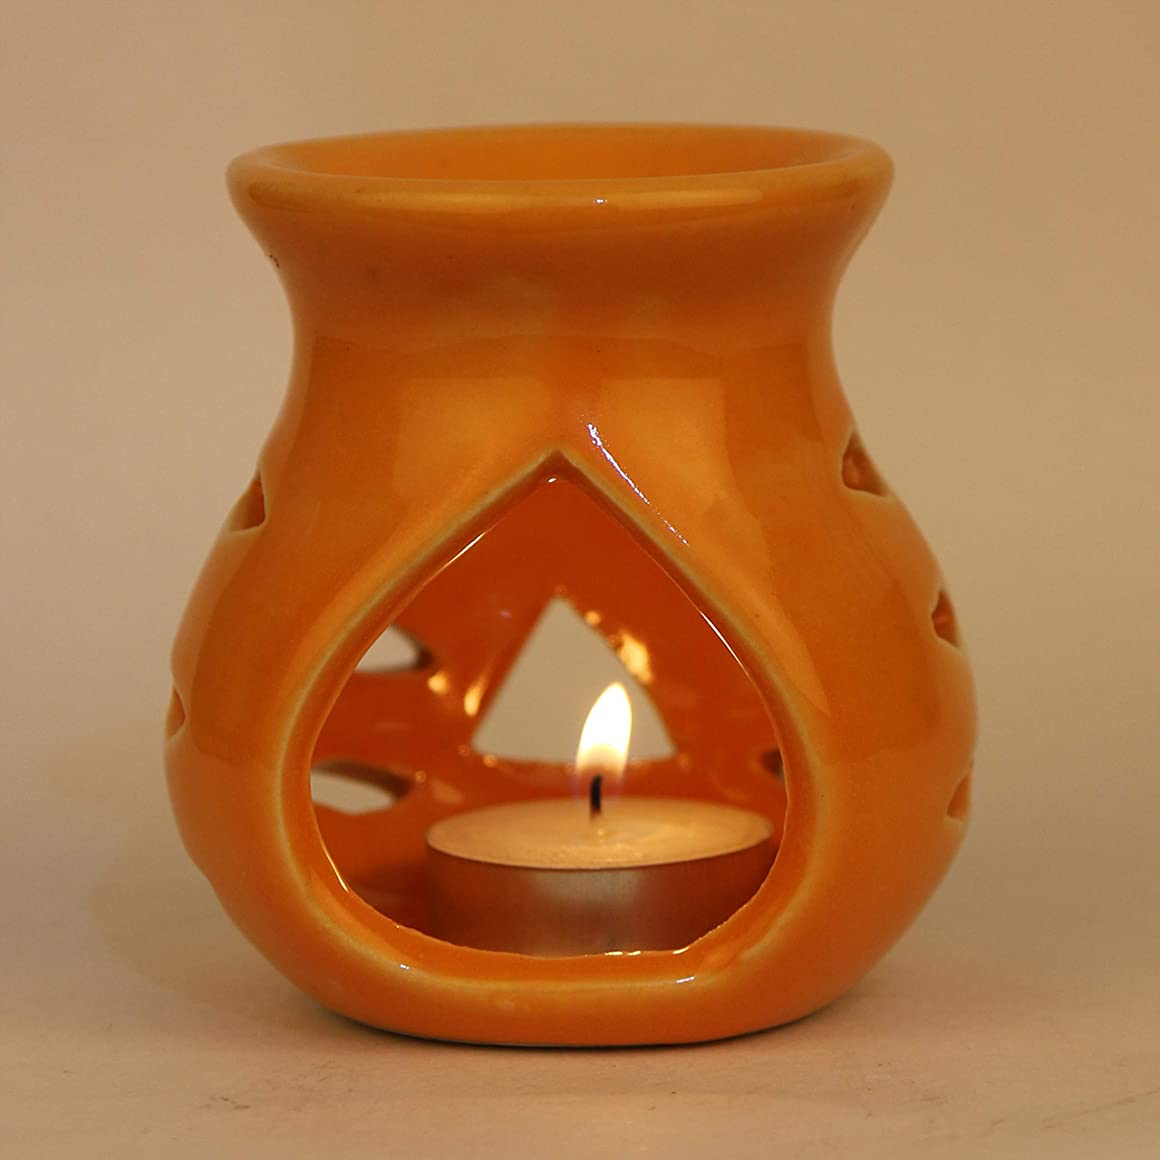 自慢台無しに達成可能Pure Source India. セラミックアロマバーナーオレンジカラープレミアムカラーオレンジ、このアロマのサイズは高さ3.5インチ、直径3.5インチです。 (クレイランプ)